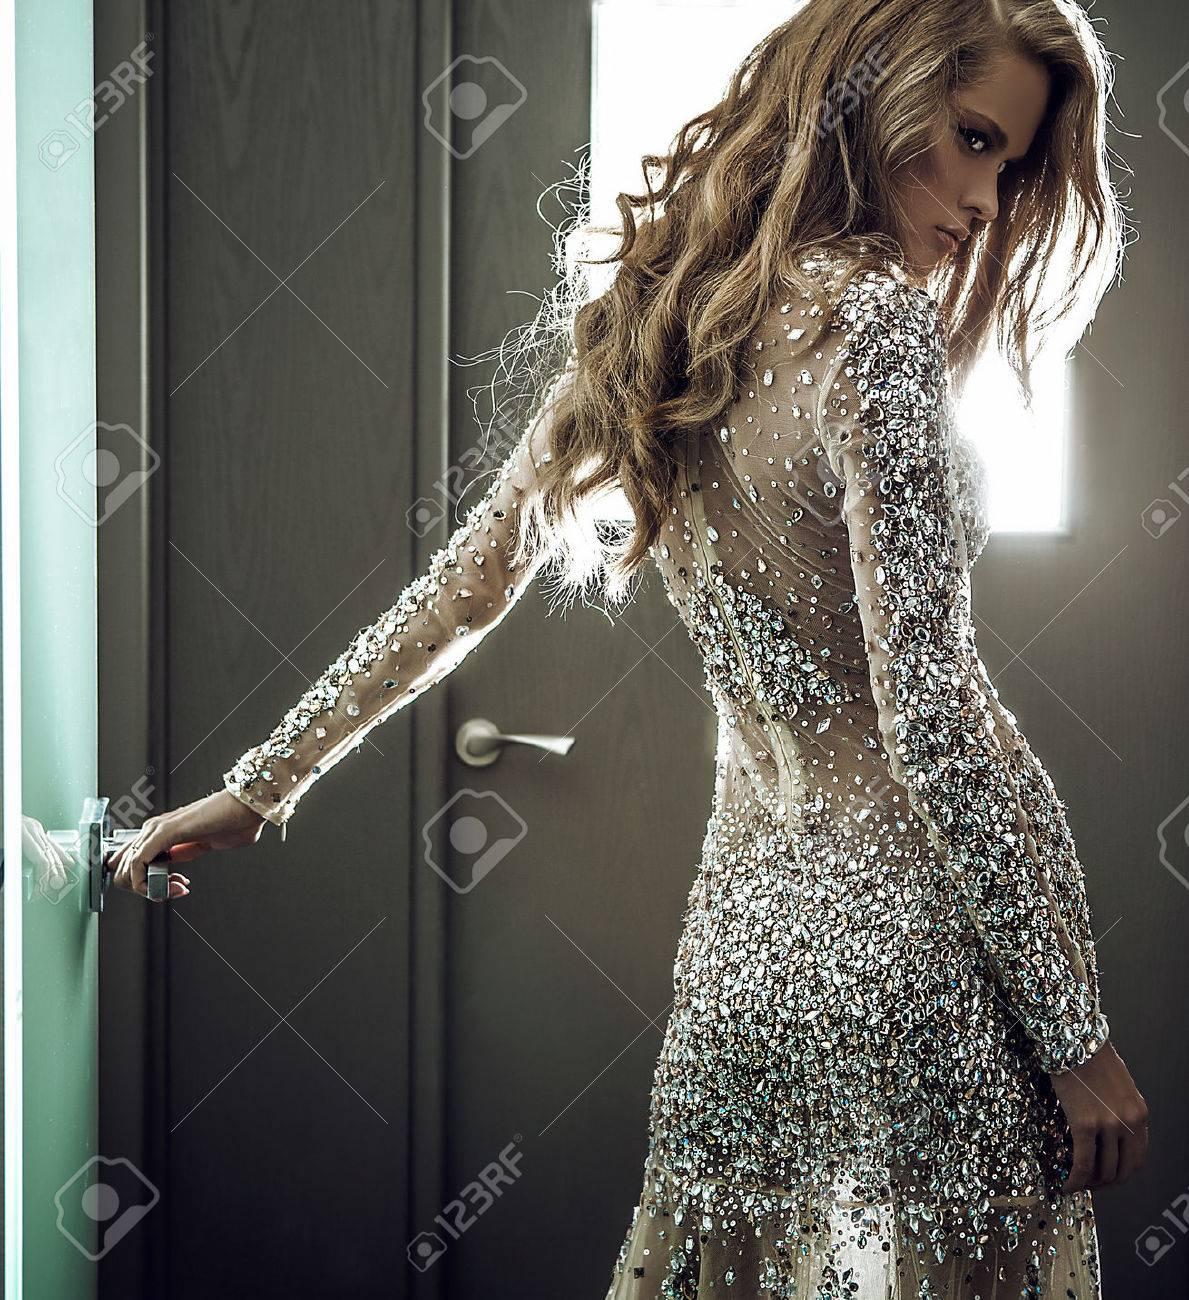 Elégante jeune femme en robe de luxe Banque d'images - 47779535